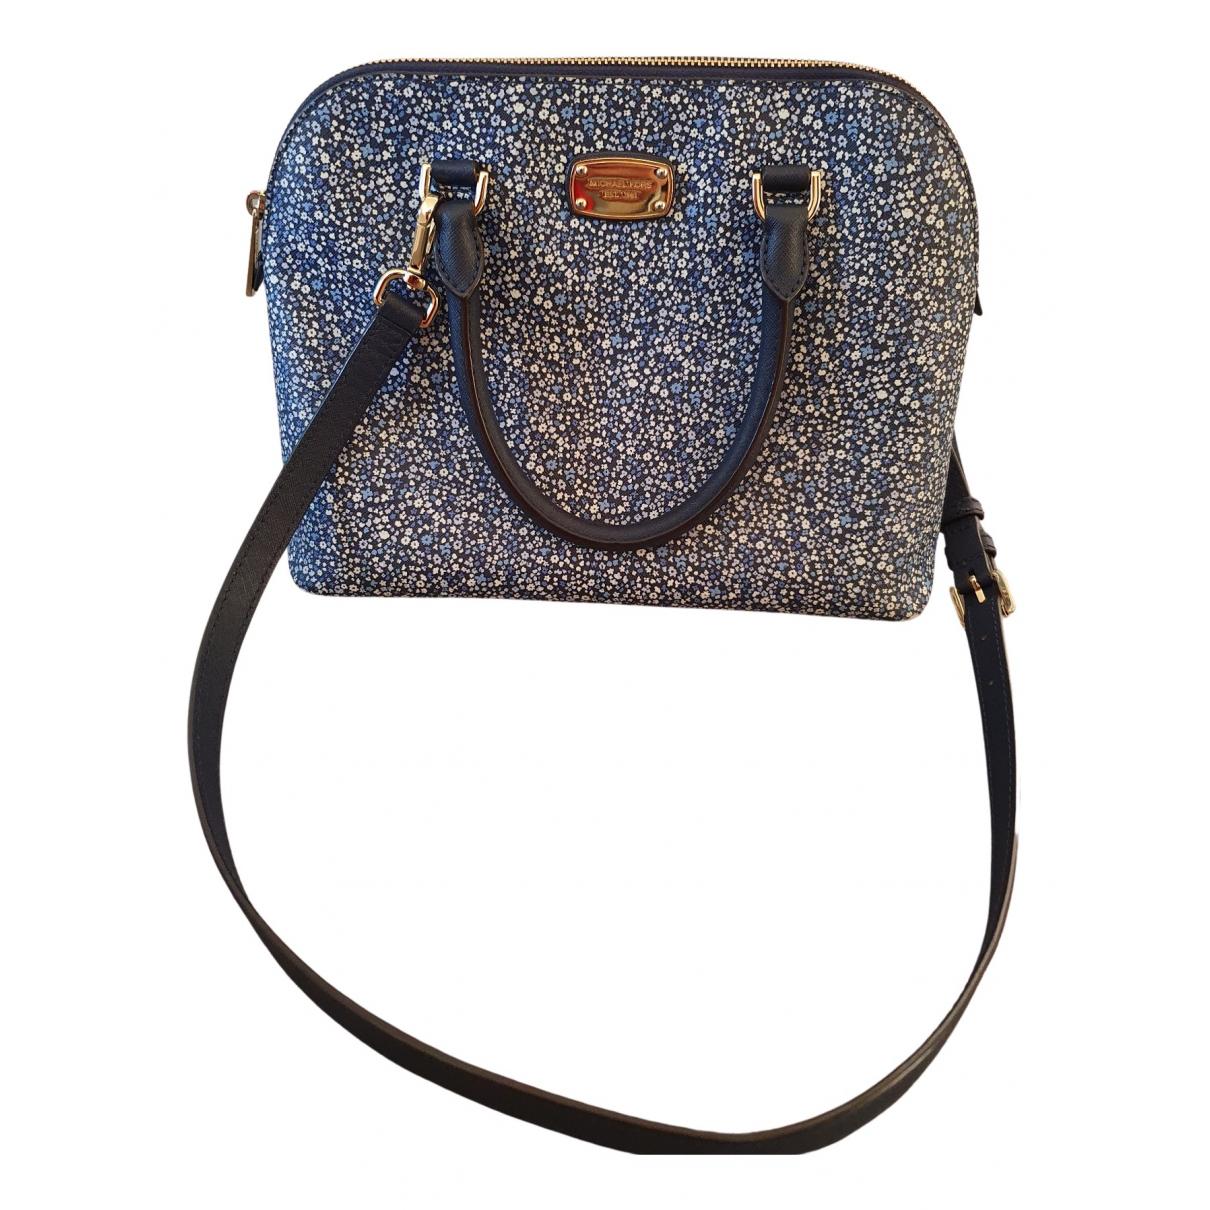 Michael Kors N Blue handbag for Women N